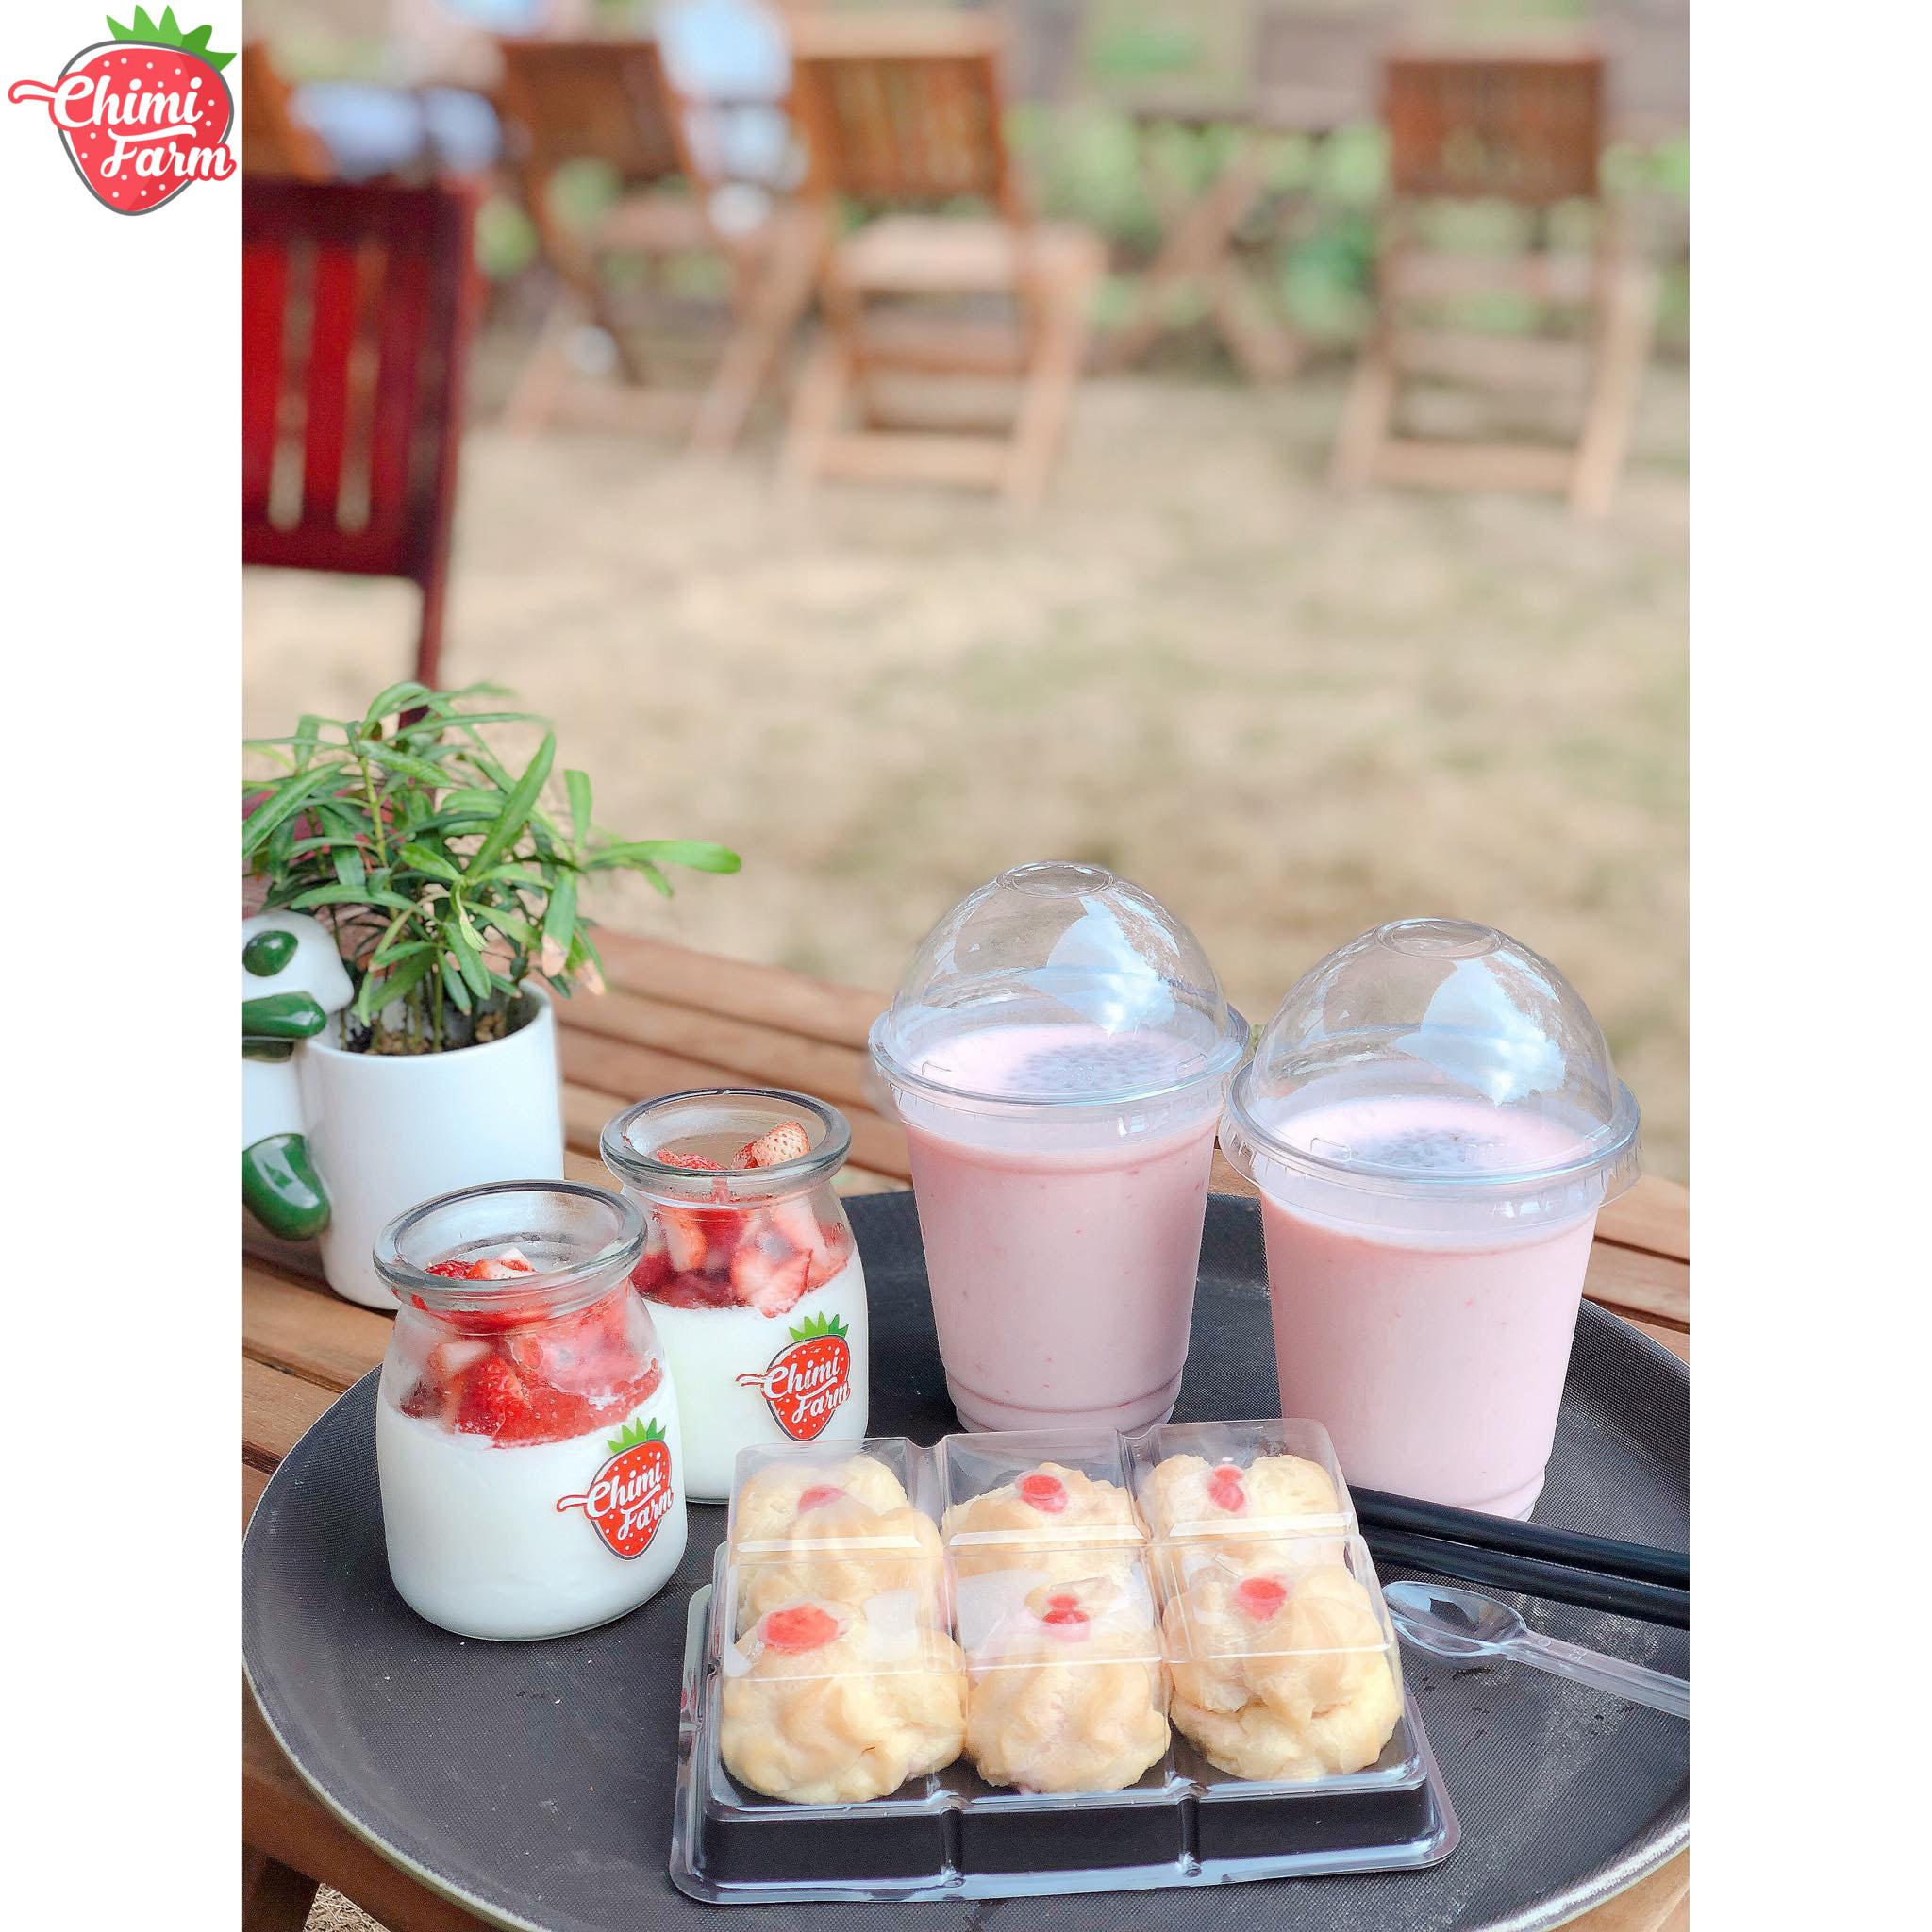 Các loại bánh dâu tây được yêu thích của Chimi Farm